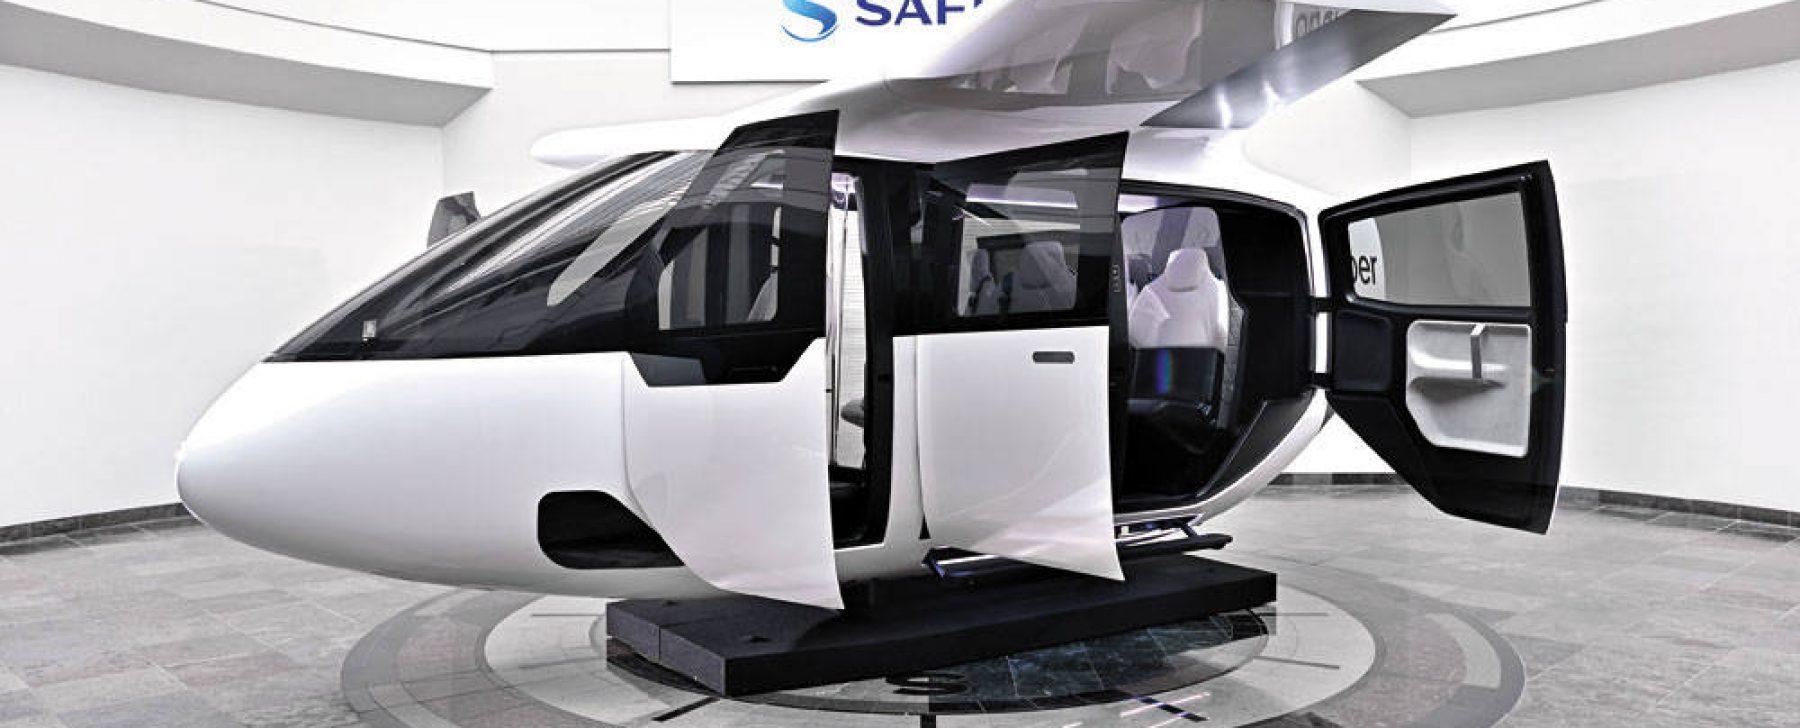 Uber prepara un servicio de taxi volador para 2023 a 25 céntimos por kilómetro